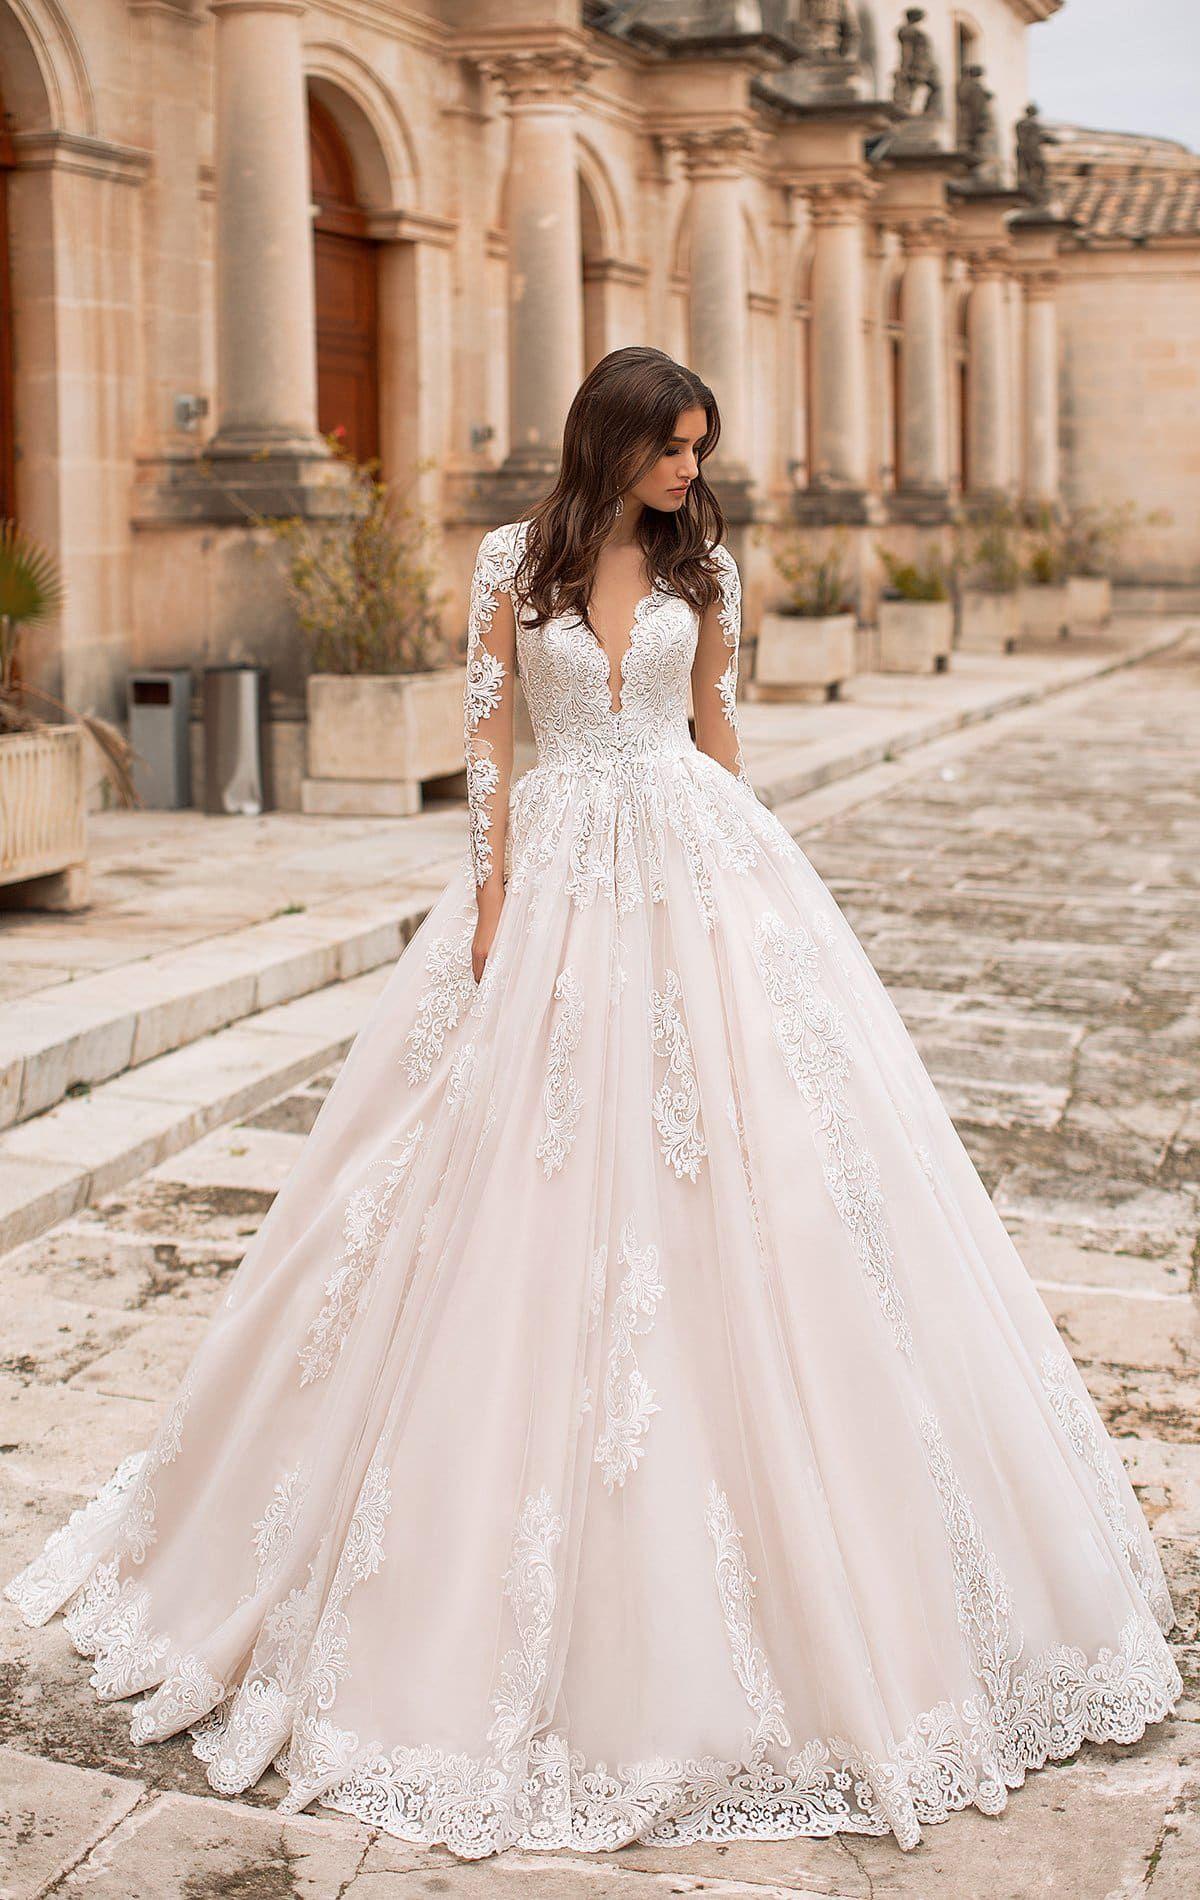 если первый картинки классных платьев на свадьбу скардино